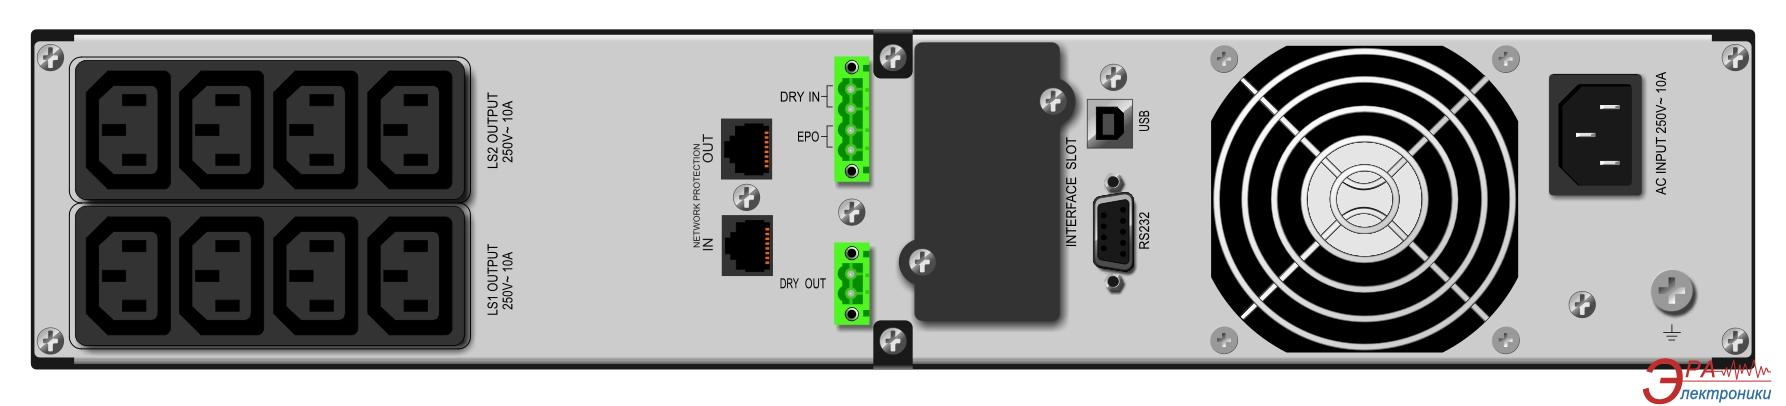 ИБП Mustek PowerMust 1090 RM Online LCD (98-ONC-R1009)